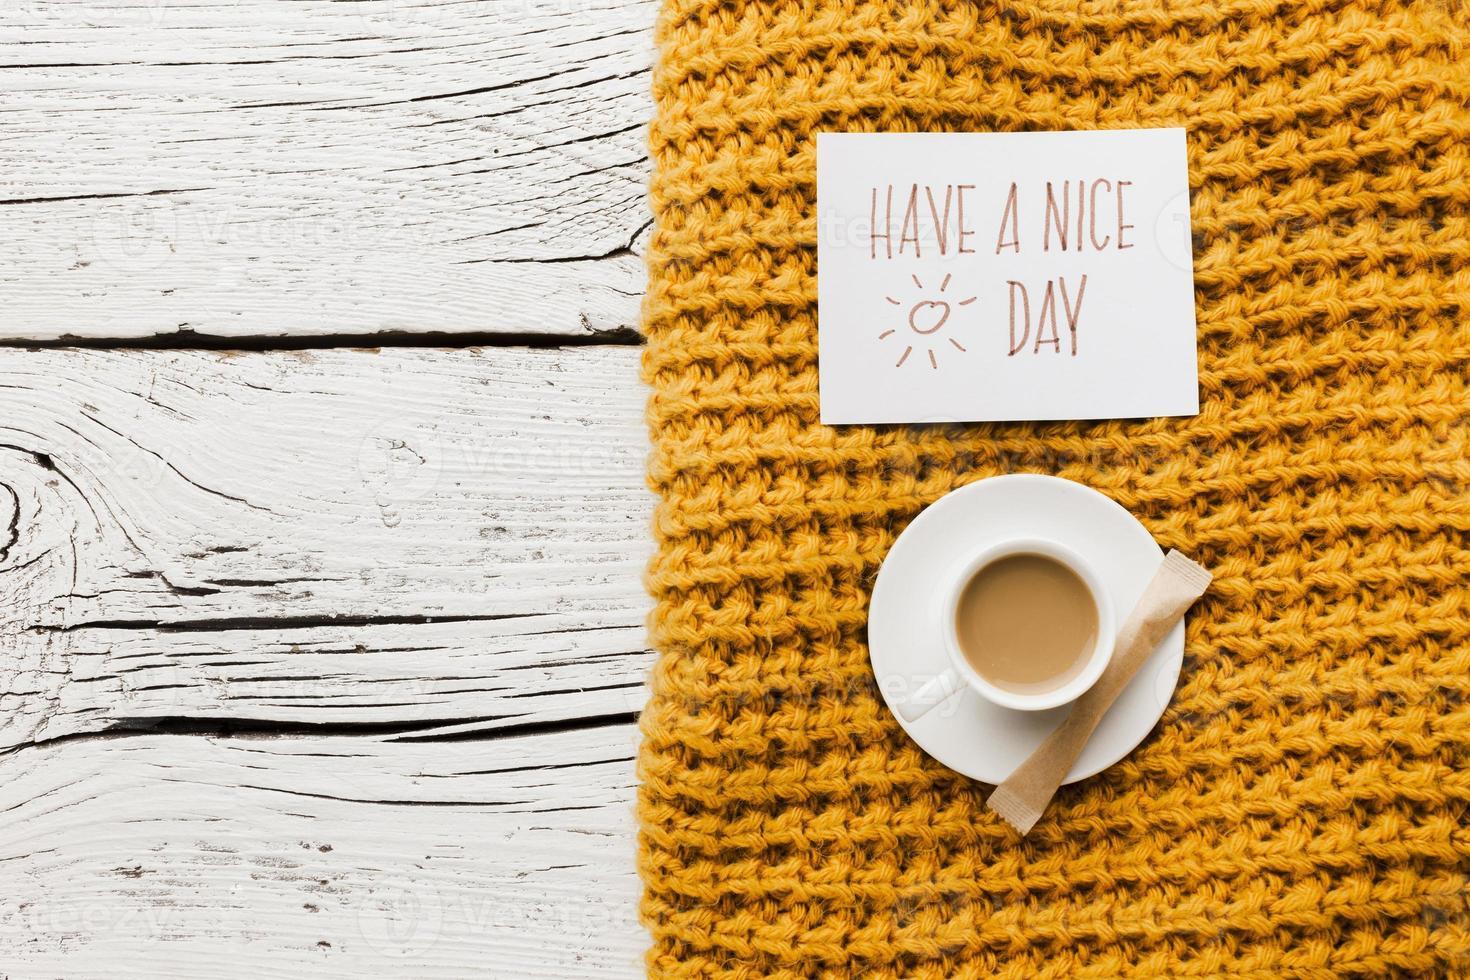 ha ett trevligt dagsmeddelande med koppkaffe och gul filt på träbakgrund foto